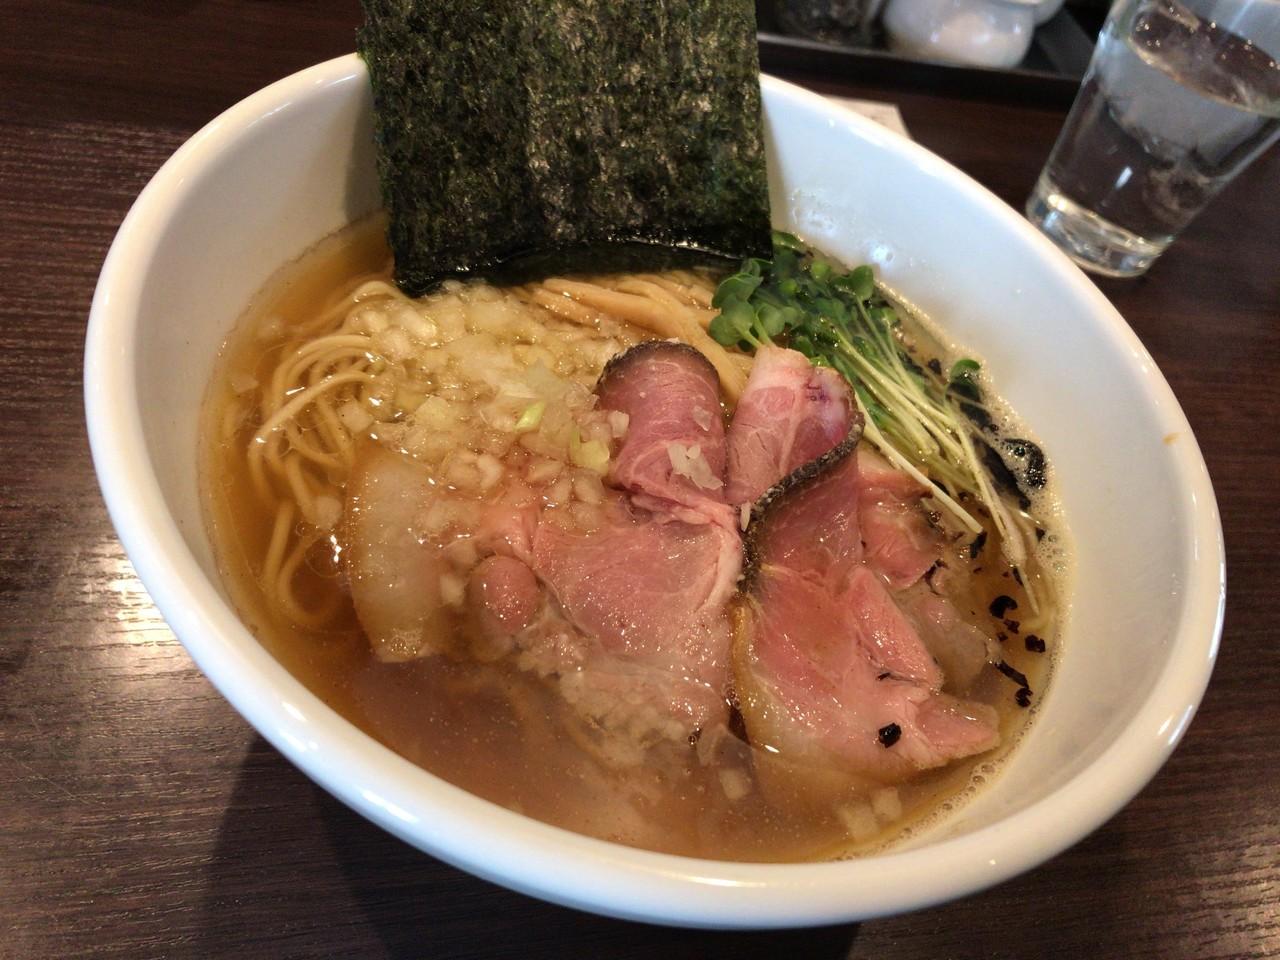 浦和民必見!武蔵浦和駅周辺のラーメン屋6選。煮干し・鶏白湯・カツ乗せ味噌も